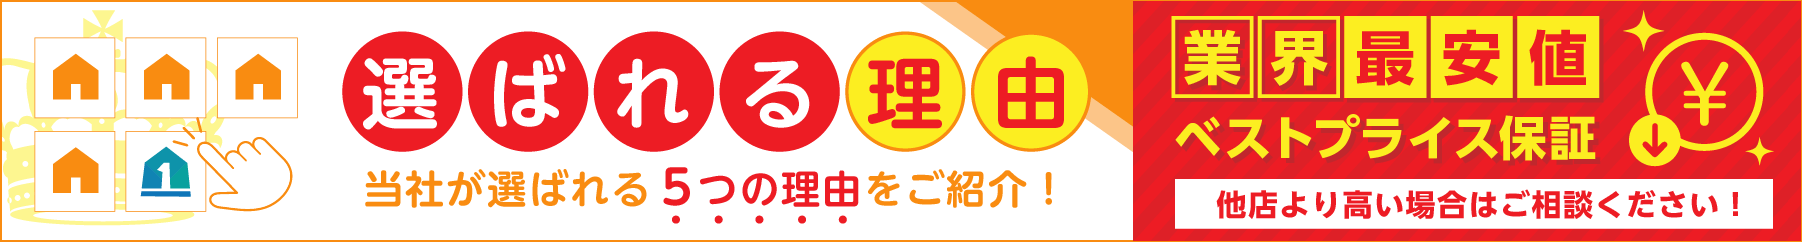 テント倉庫.netが選ばれる5つの理由・業界最安値・ベストプライス保証